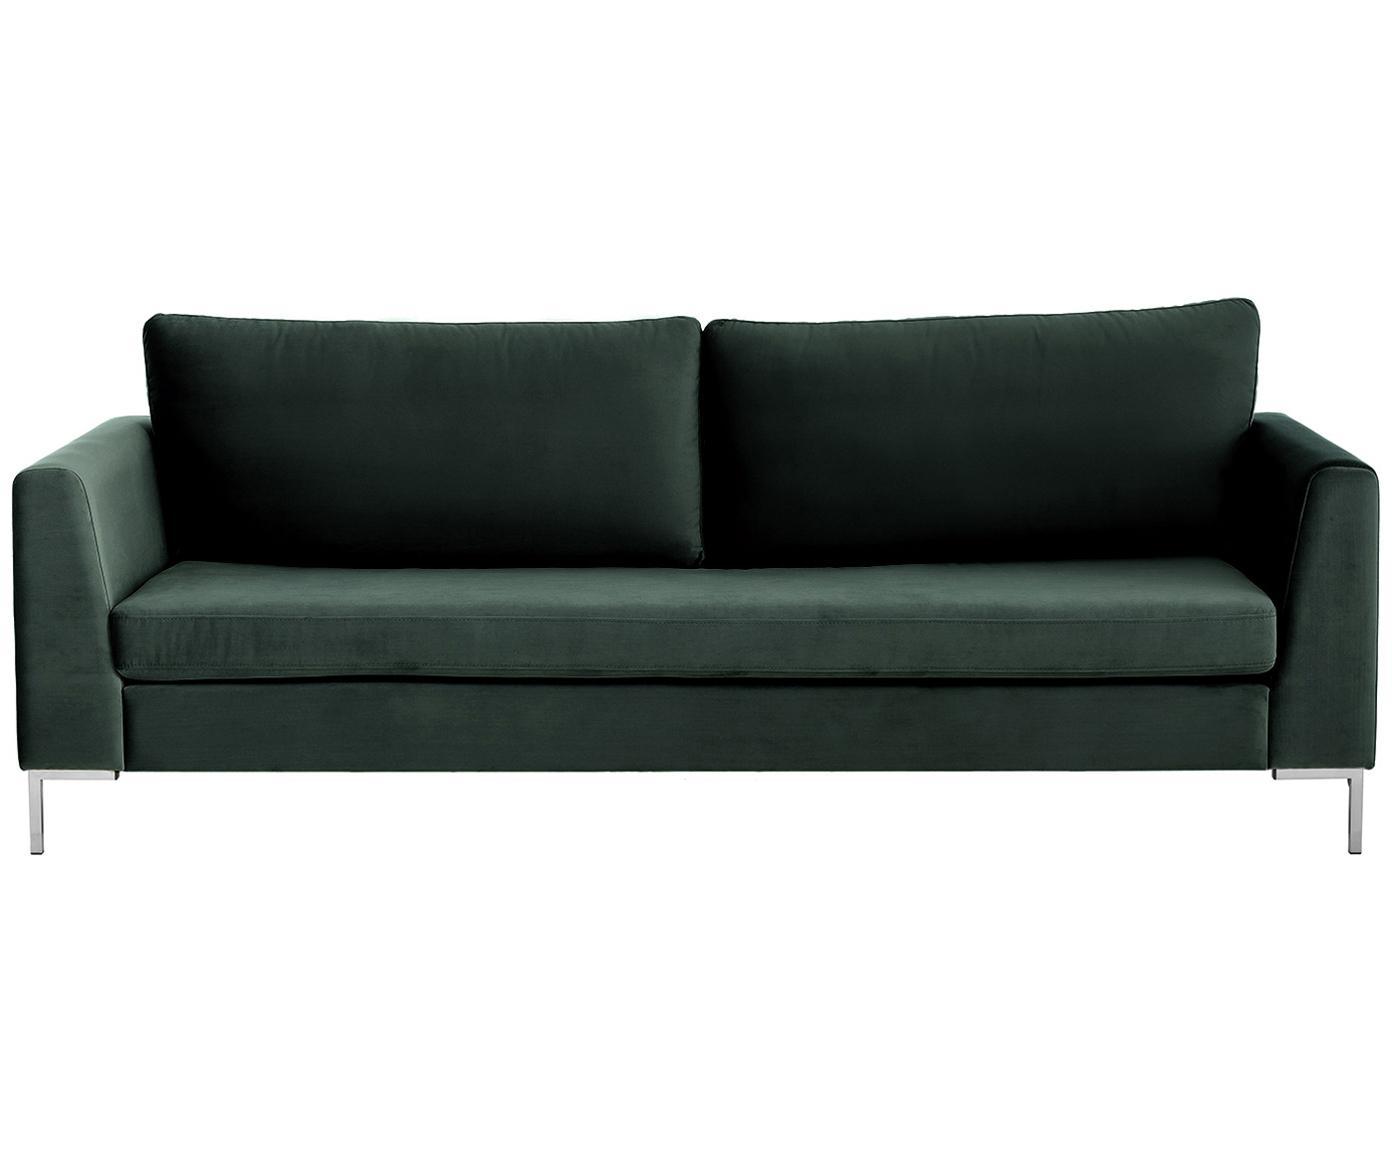 Sofá de terciopelo Luna (3plazas), Tapizado: terciopelo (poliéster) 80, Estructura: madera de haya, Patas: metal galvanizado, Terciopelo verde oscuro, plateado, An 230 x F 95 cm